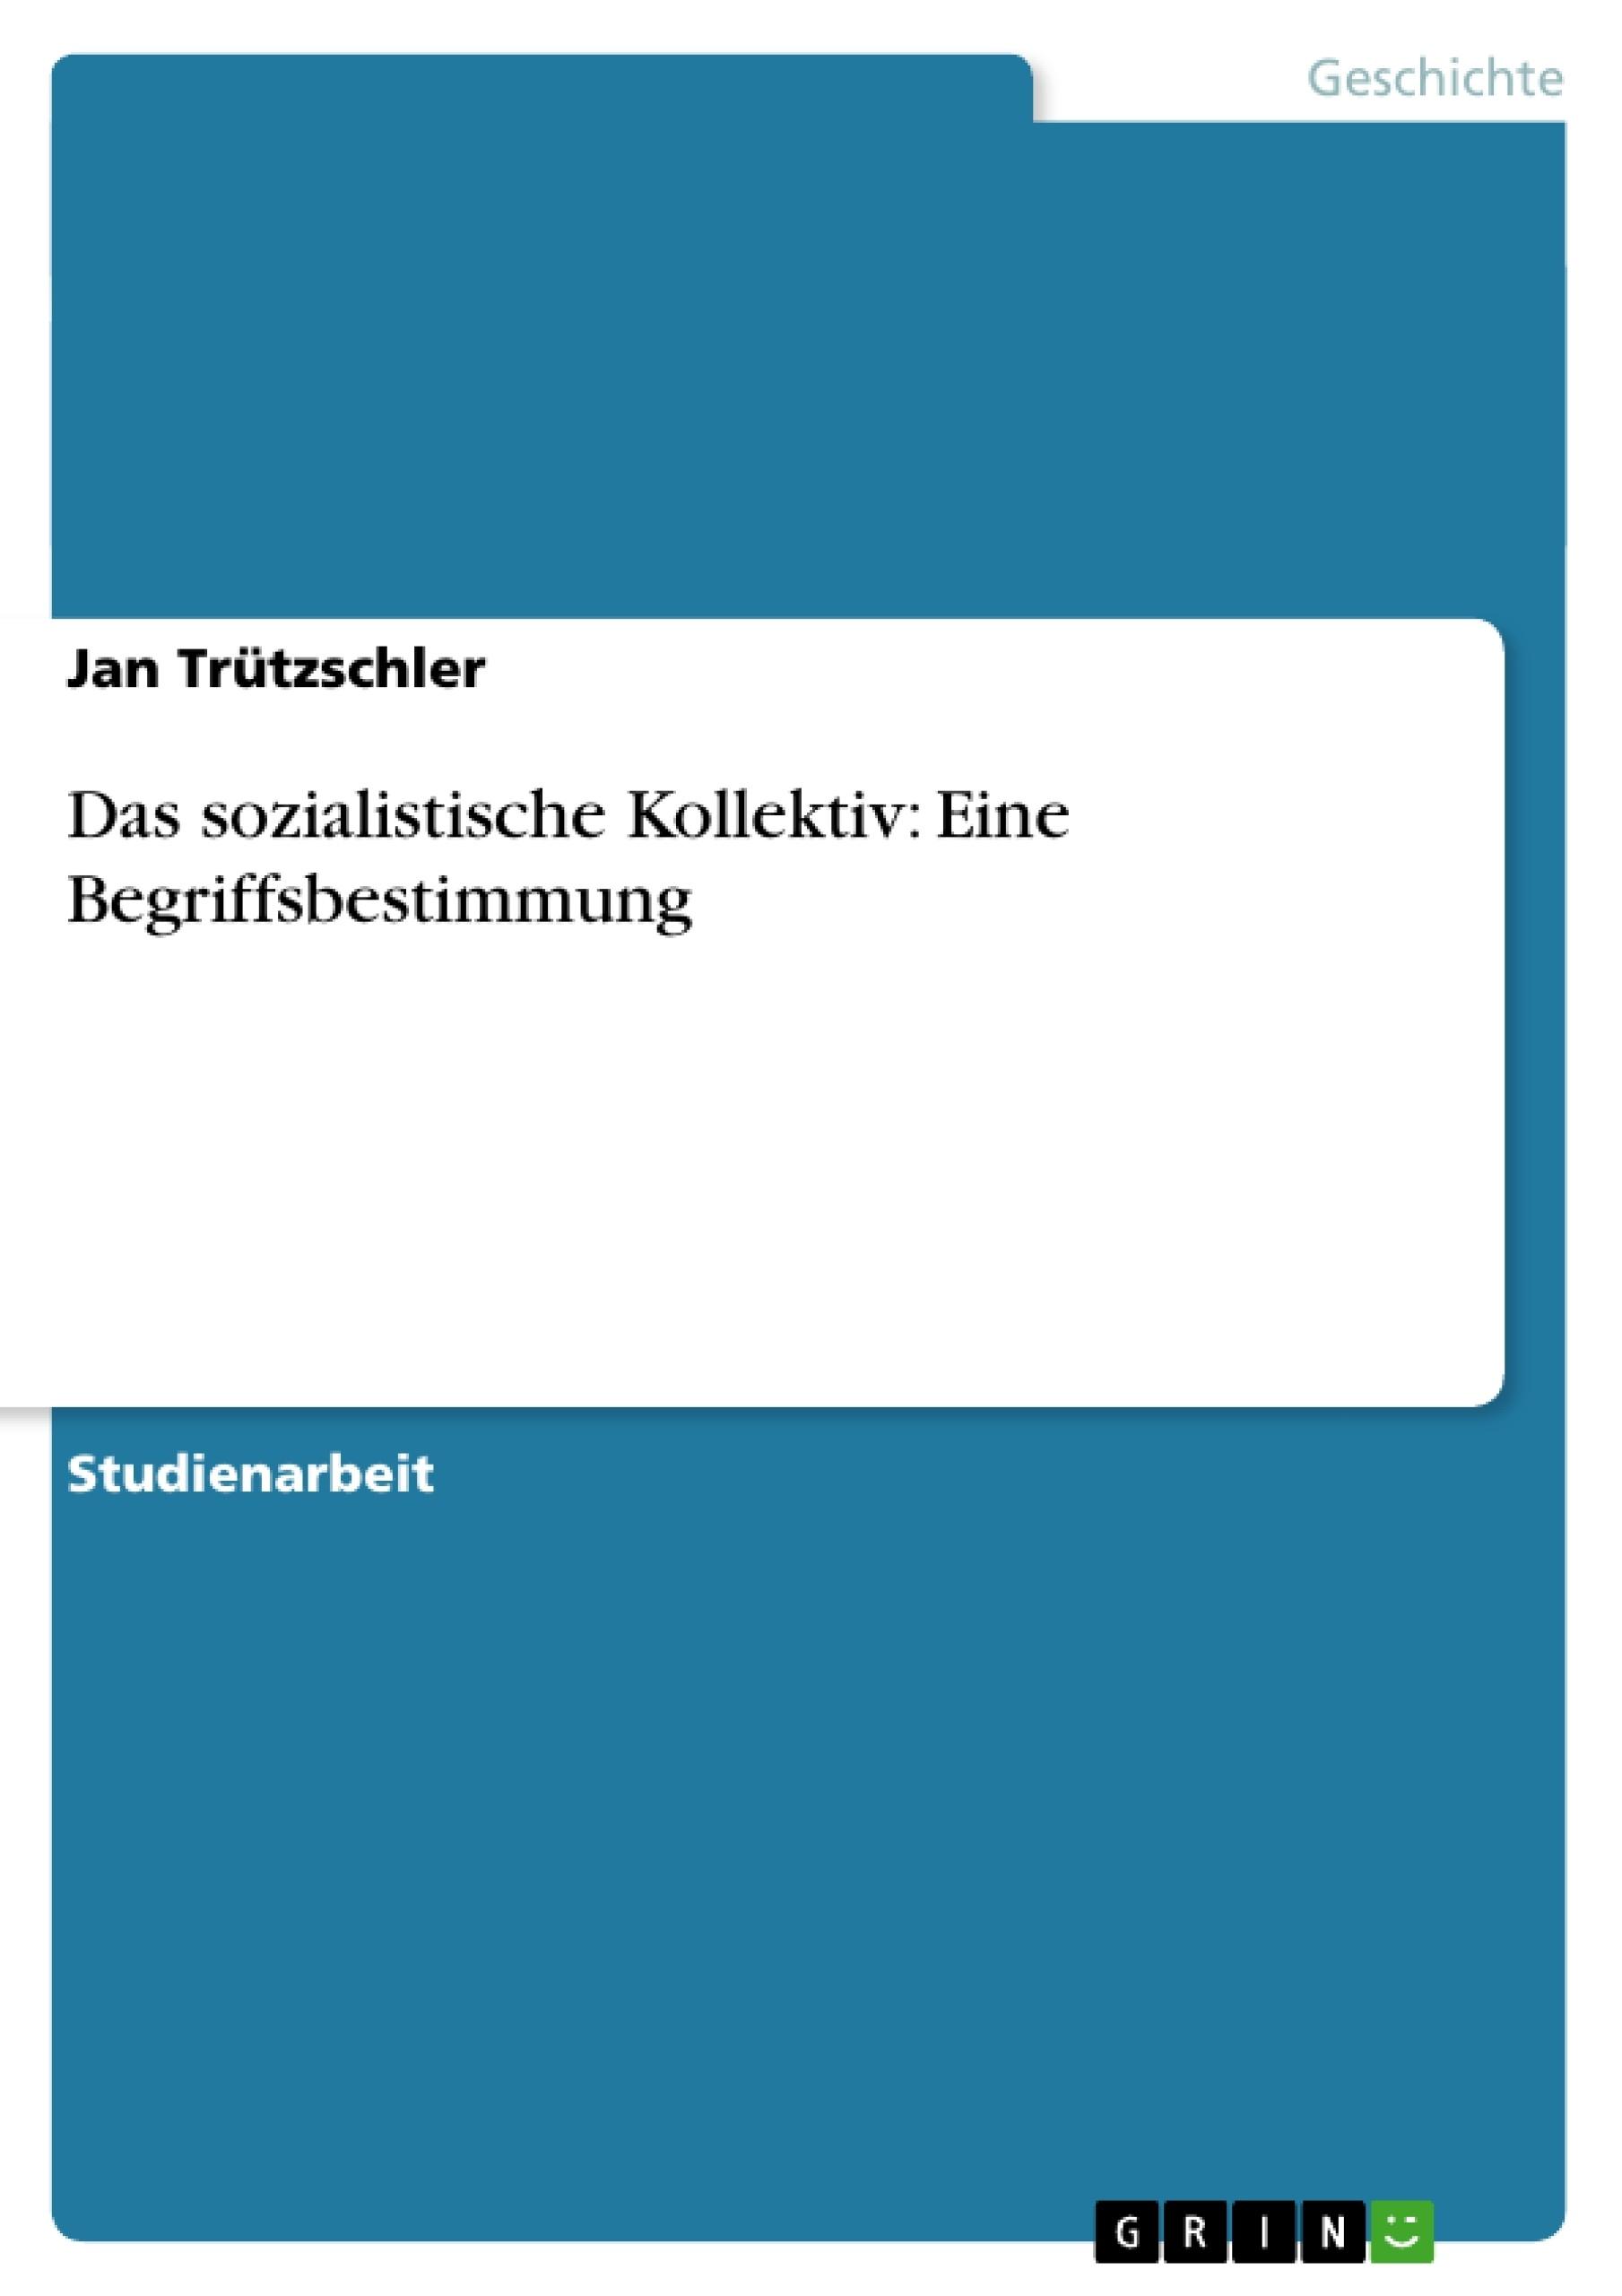 Titel: Das sozialistische Kollektiv: Eine Begriffsbestimmung